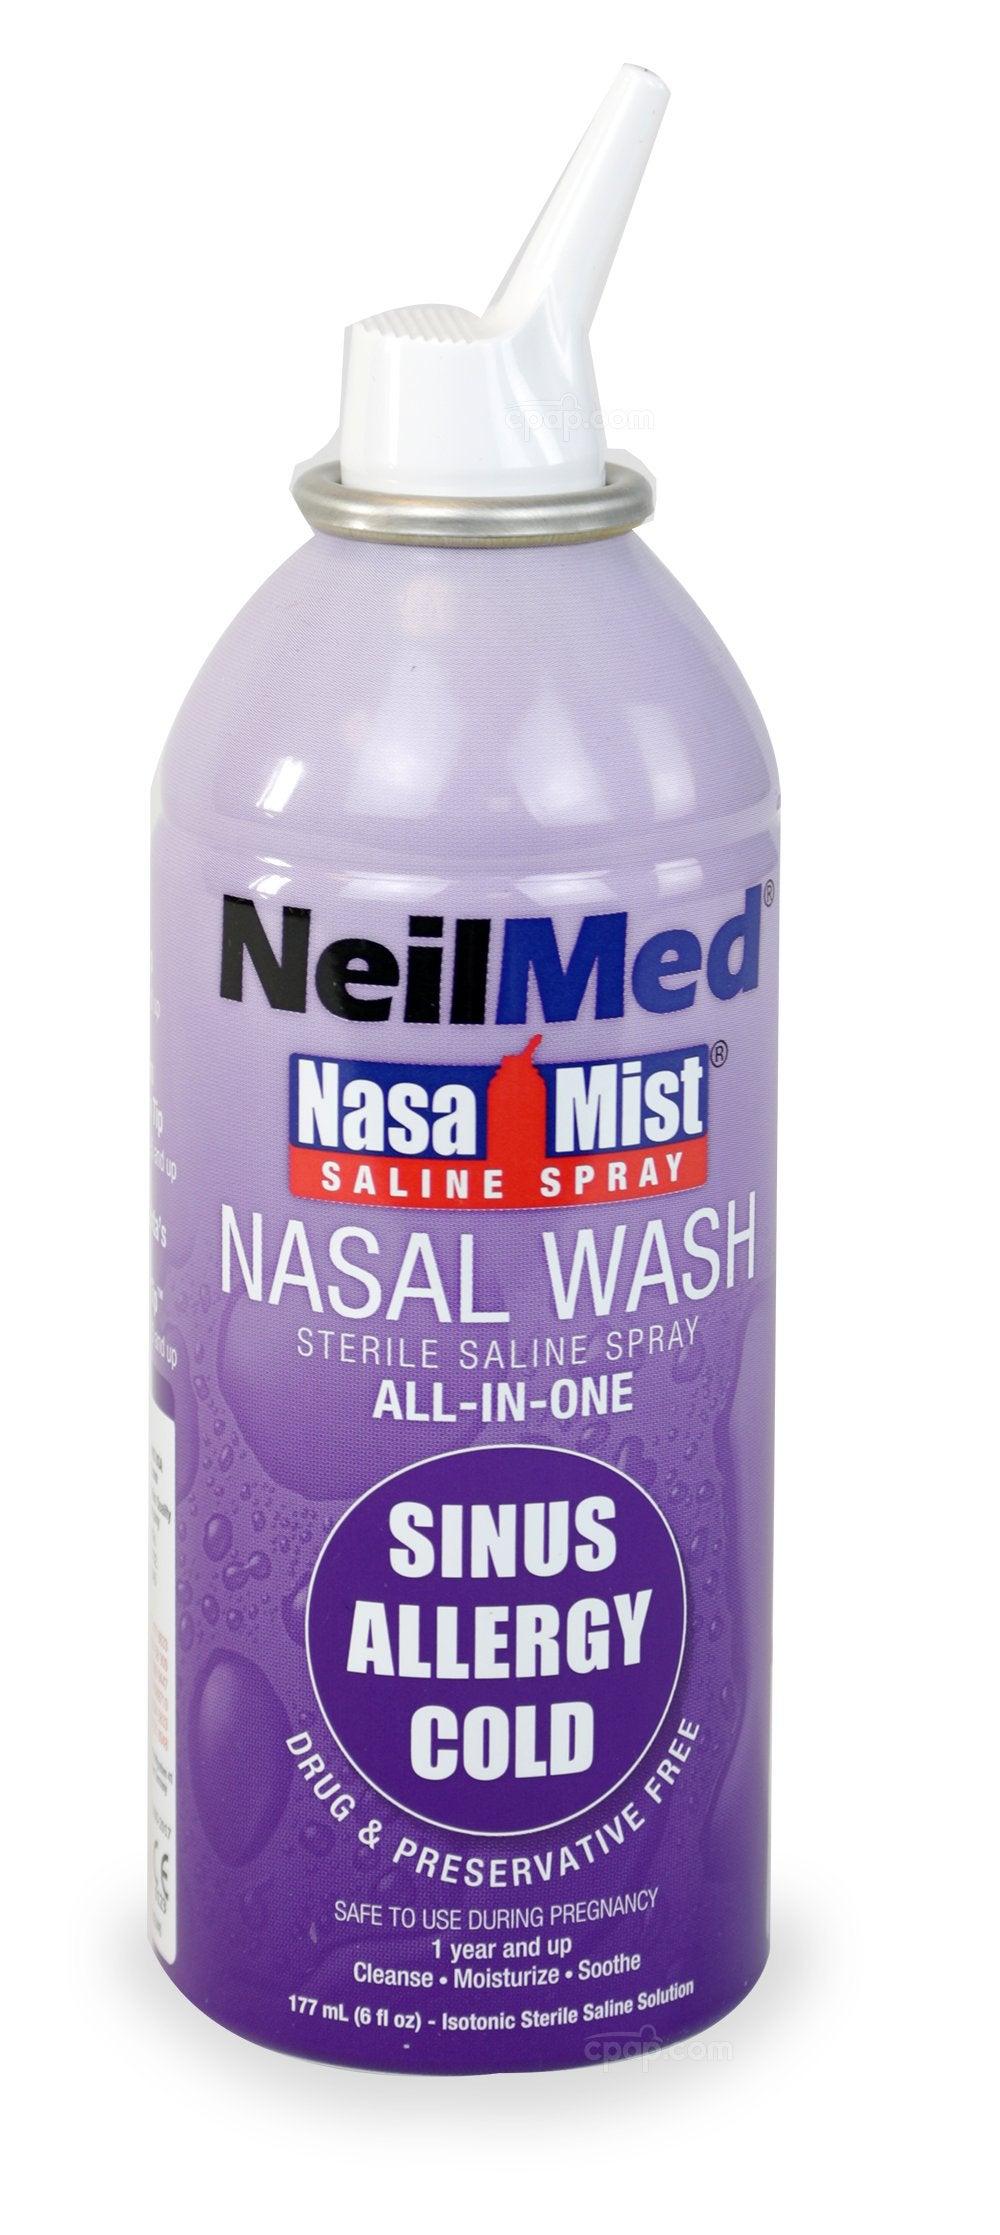 NeilMed All-in-One Nasal Mist